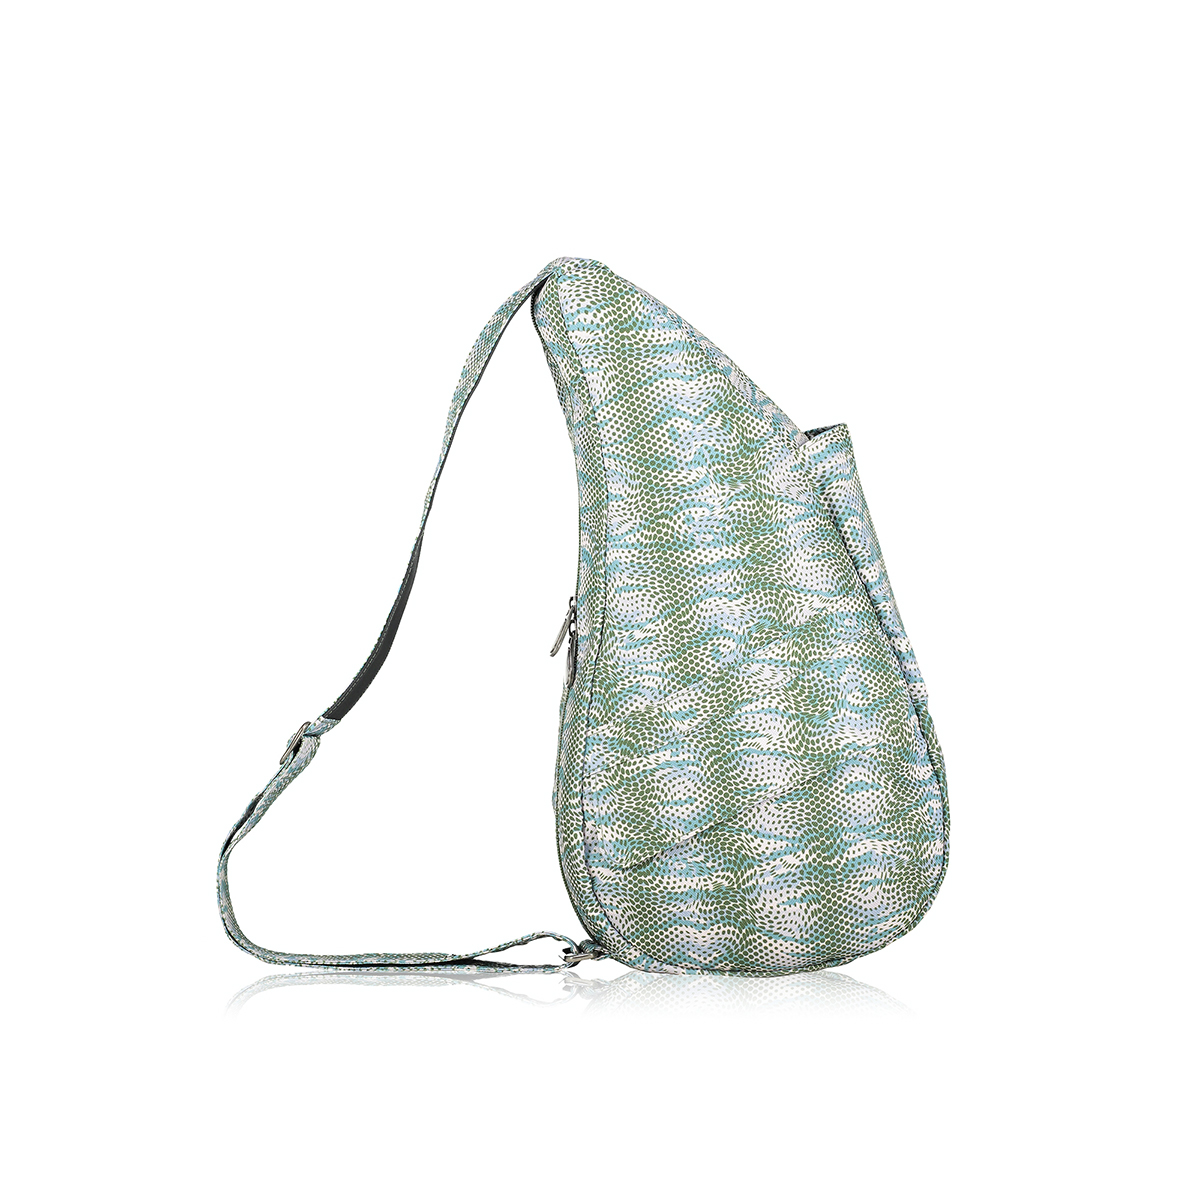 Healthy Back Bag/ヘルシーバックバッグ/ショルダーバッグ/ボディバッグ/旅行バッグ/軽量/レディース/メンズ 公式ストア ヘルシーバックバッグ HEALTHY BACK BAG プリント ゲッコー S サイズ Gecko ショルダーバッグ